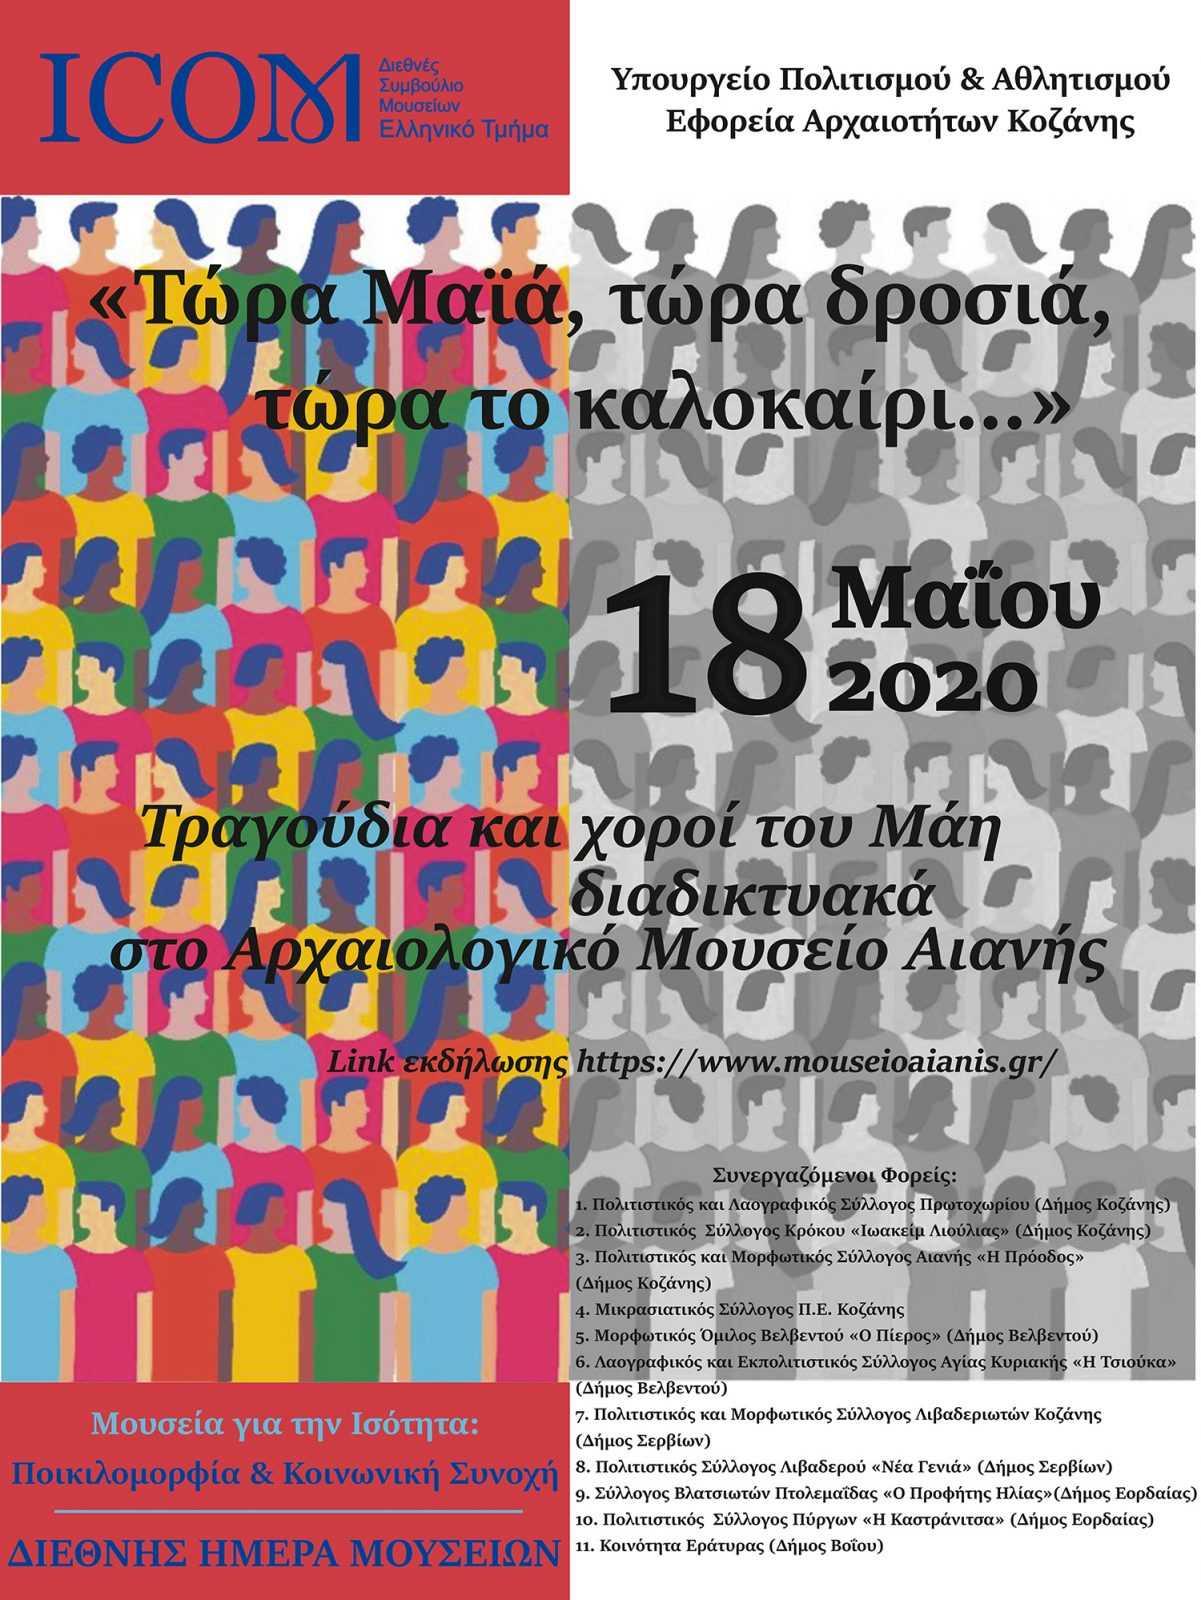 Η Εφορεία Αρχαιοτήτων Κοζάνης συμμετέχει και φέτος στον εορτασμό της Διεθνούς Ημέρας Μουσείων